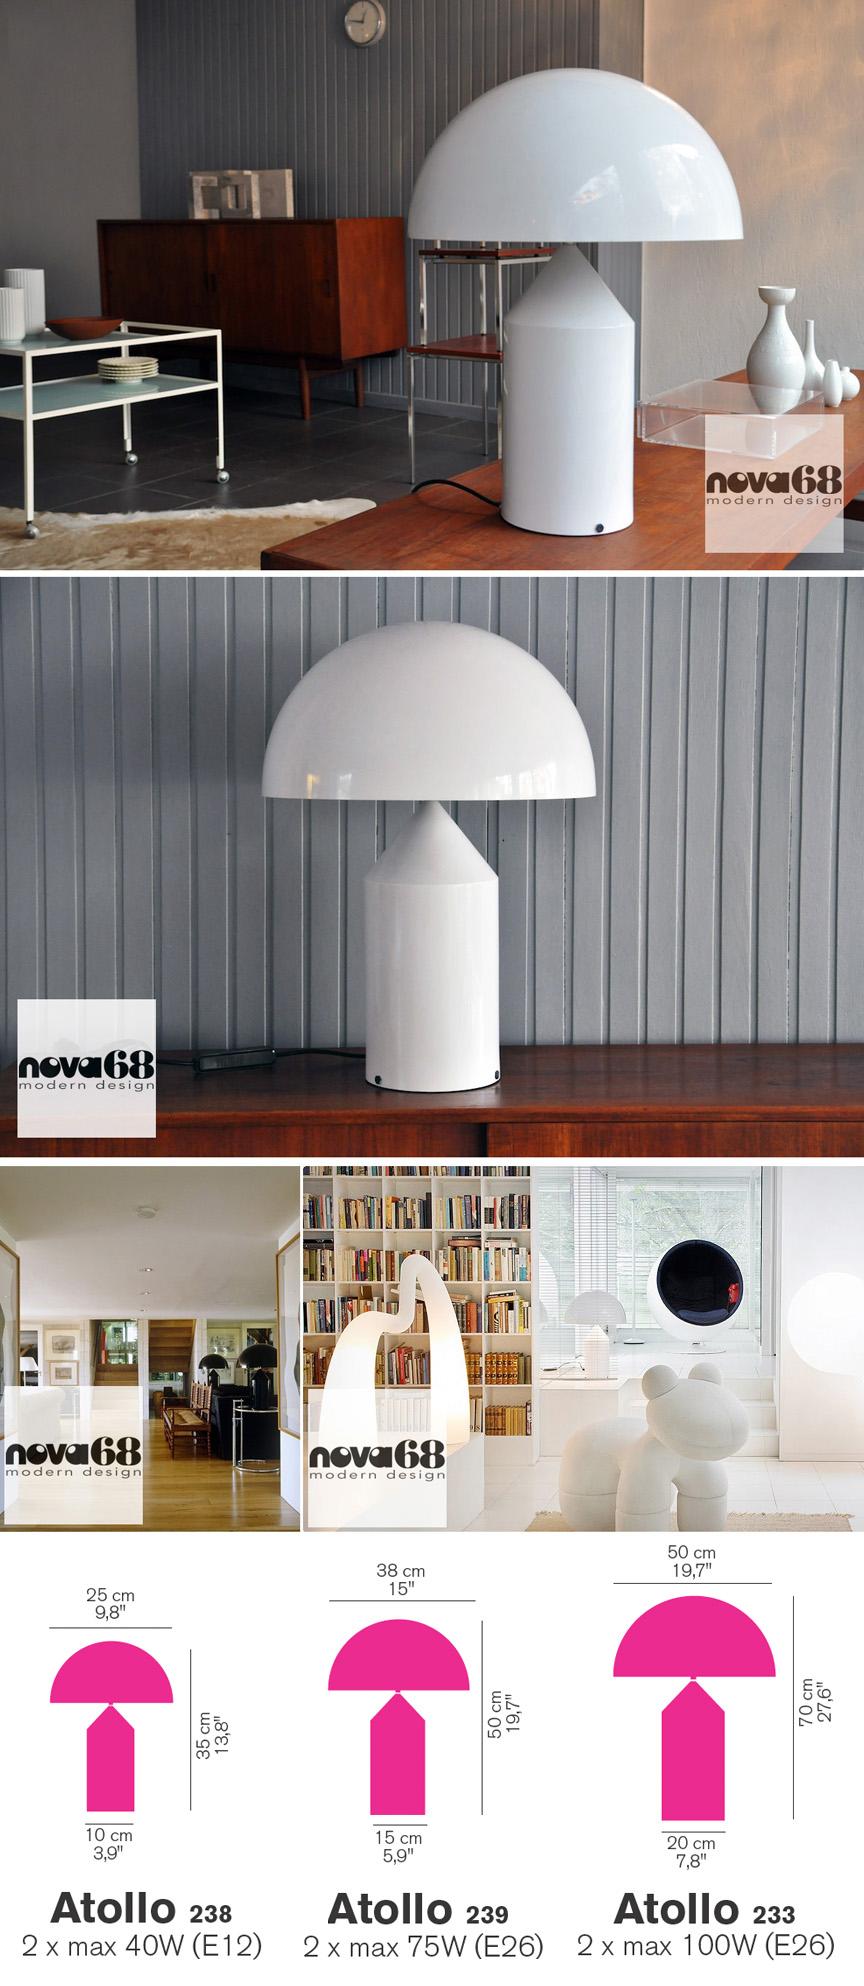 Vico Magistretti Oluce Atollo 233 Modern Table Lamp NOVA68 Design